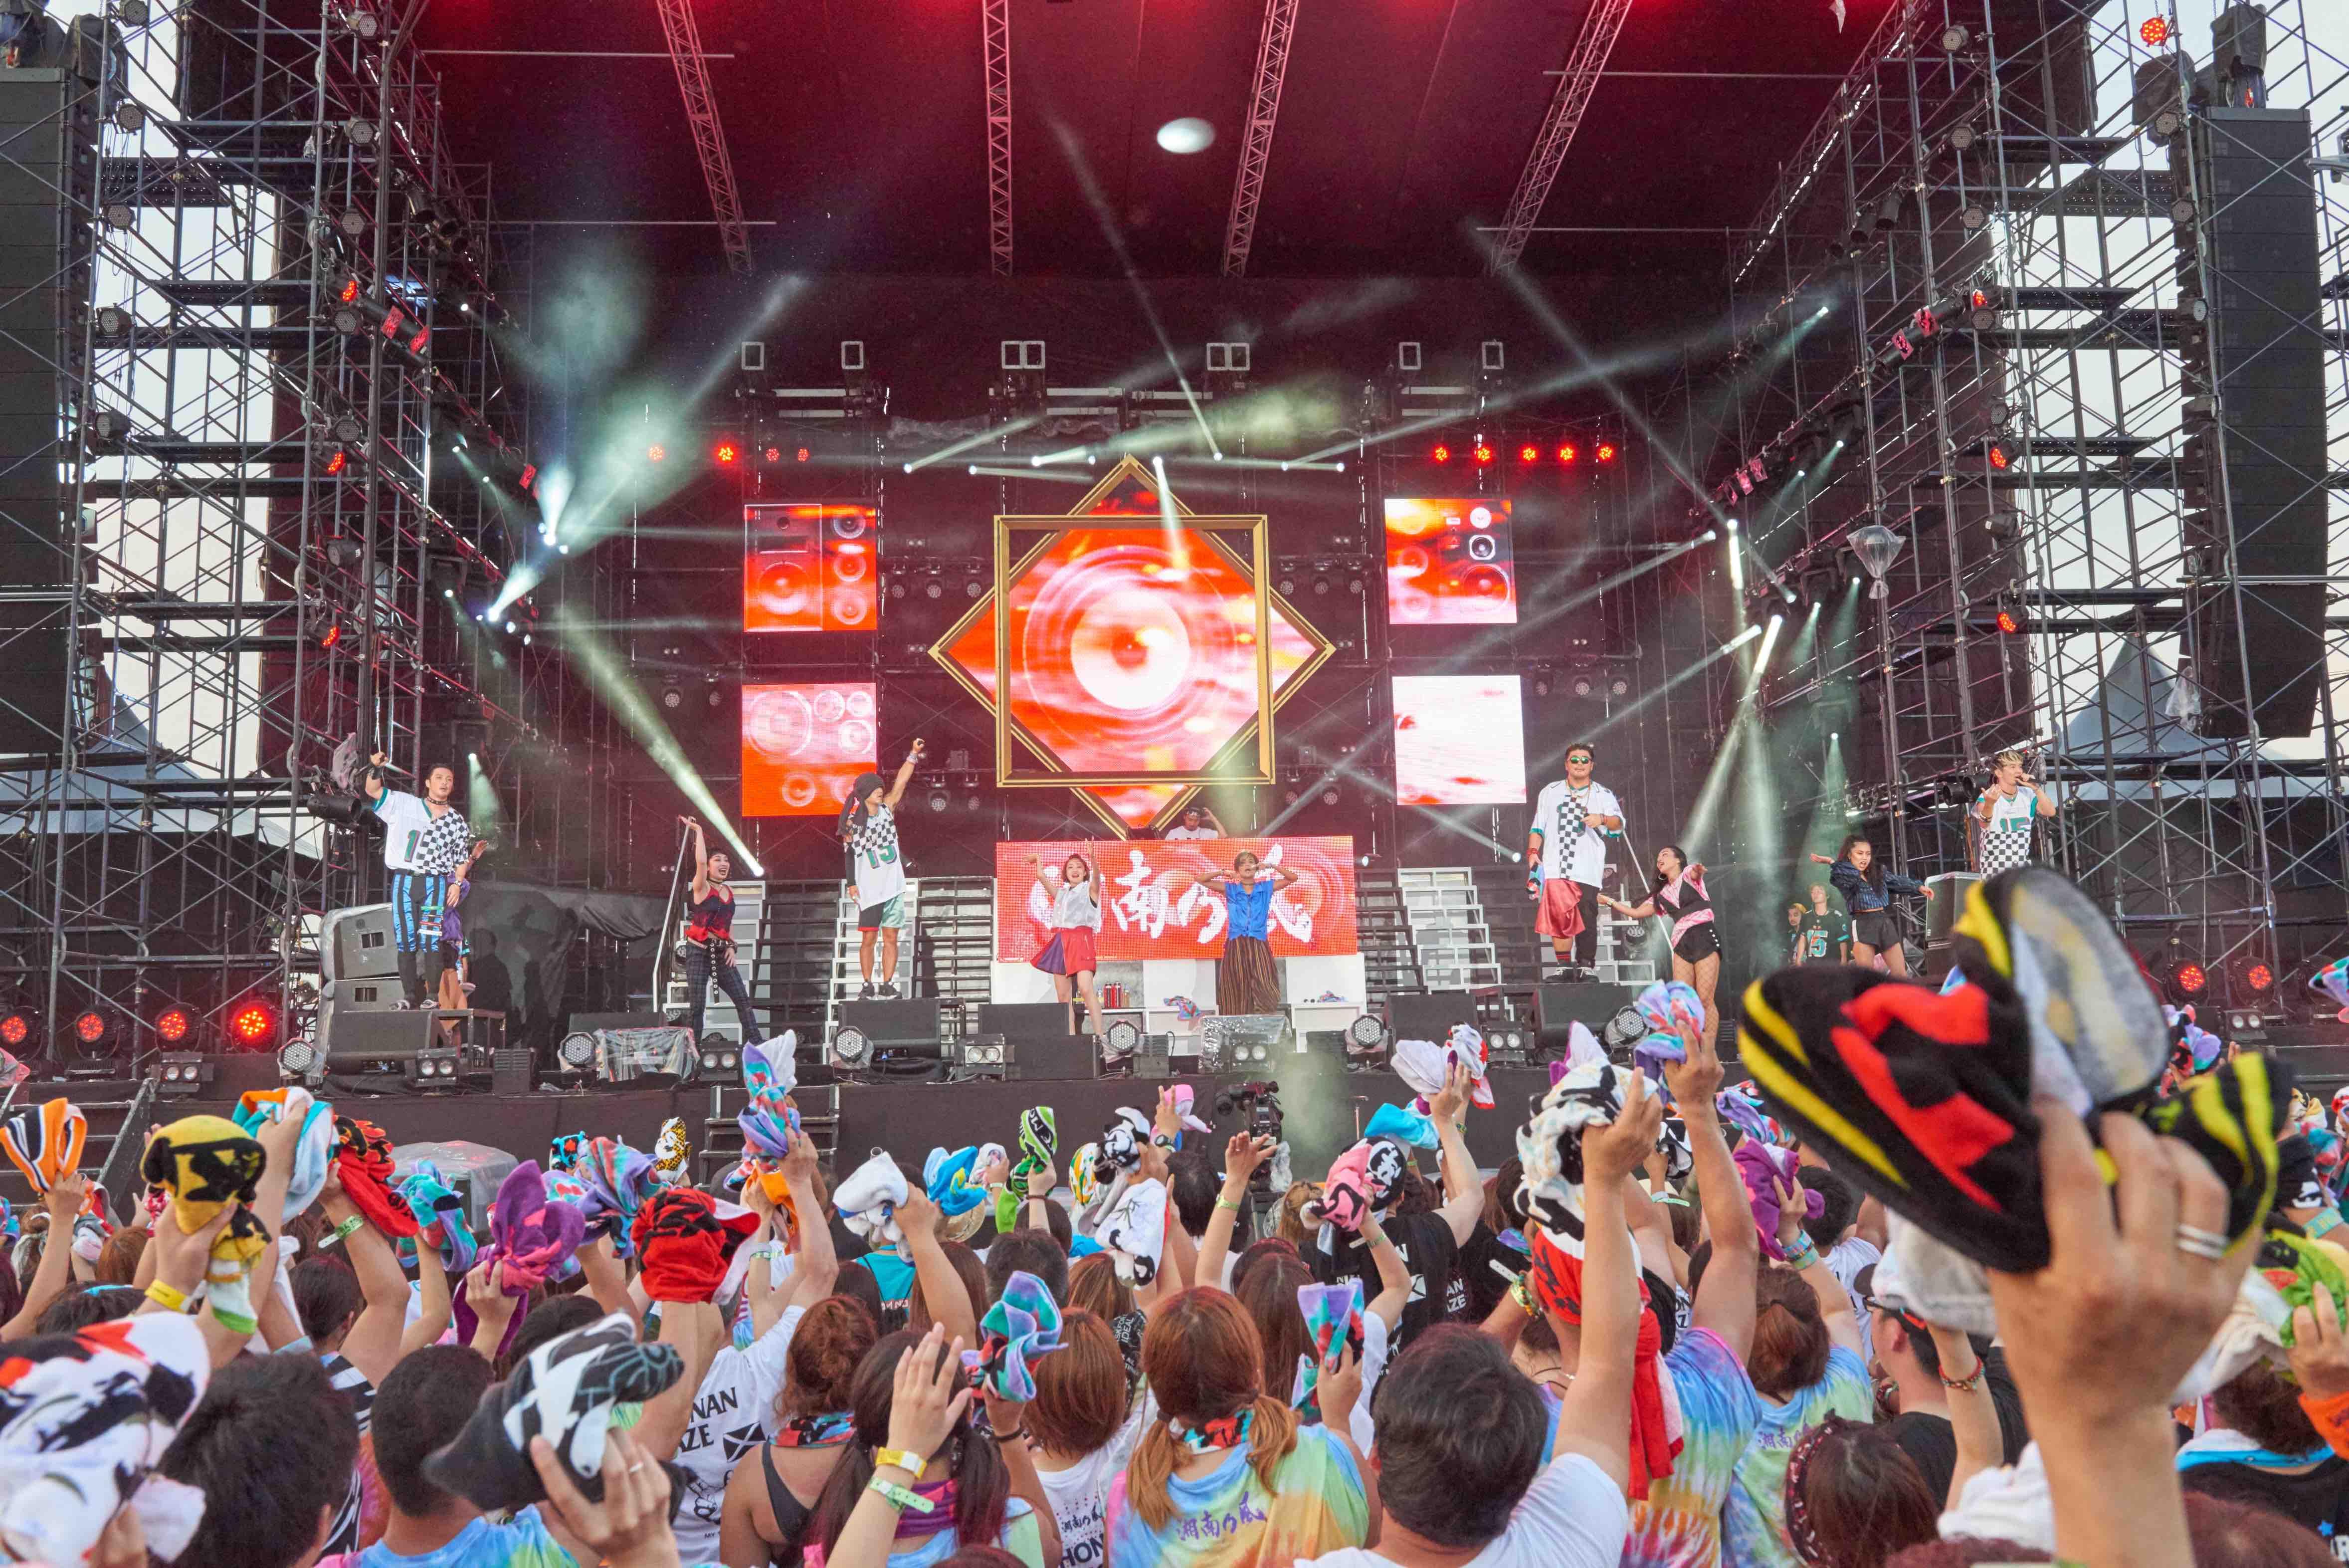 湘南乃風、初の野外ワンマンライブツアーが開幕 | OKMusic